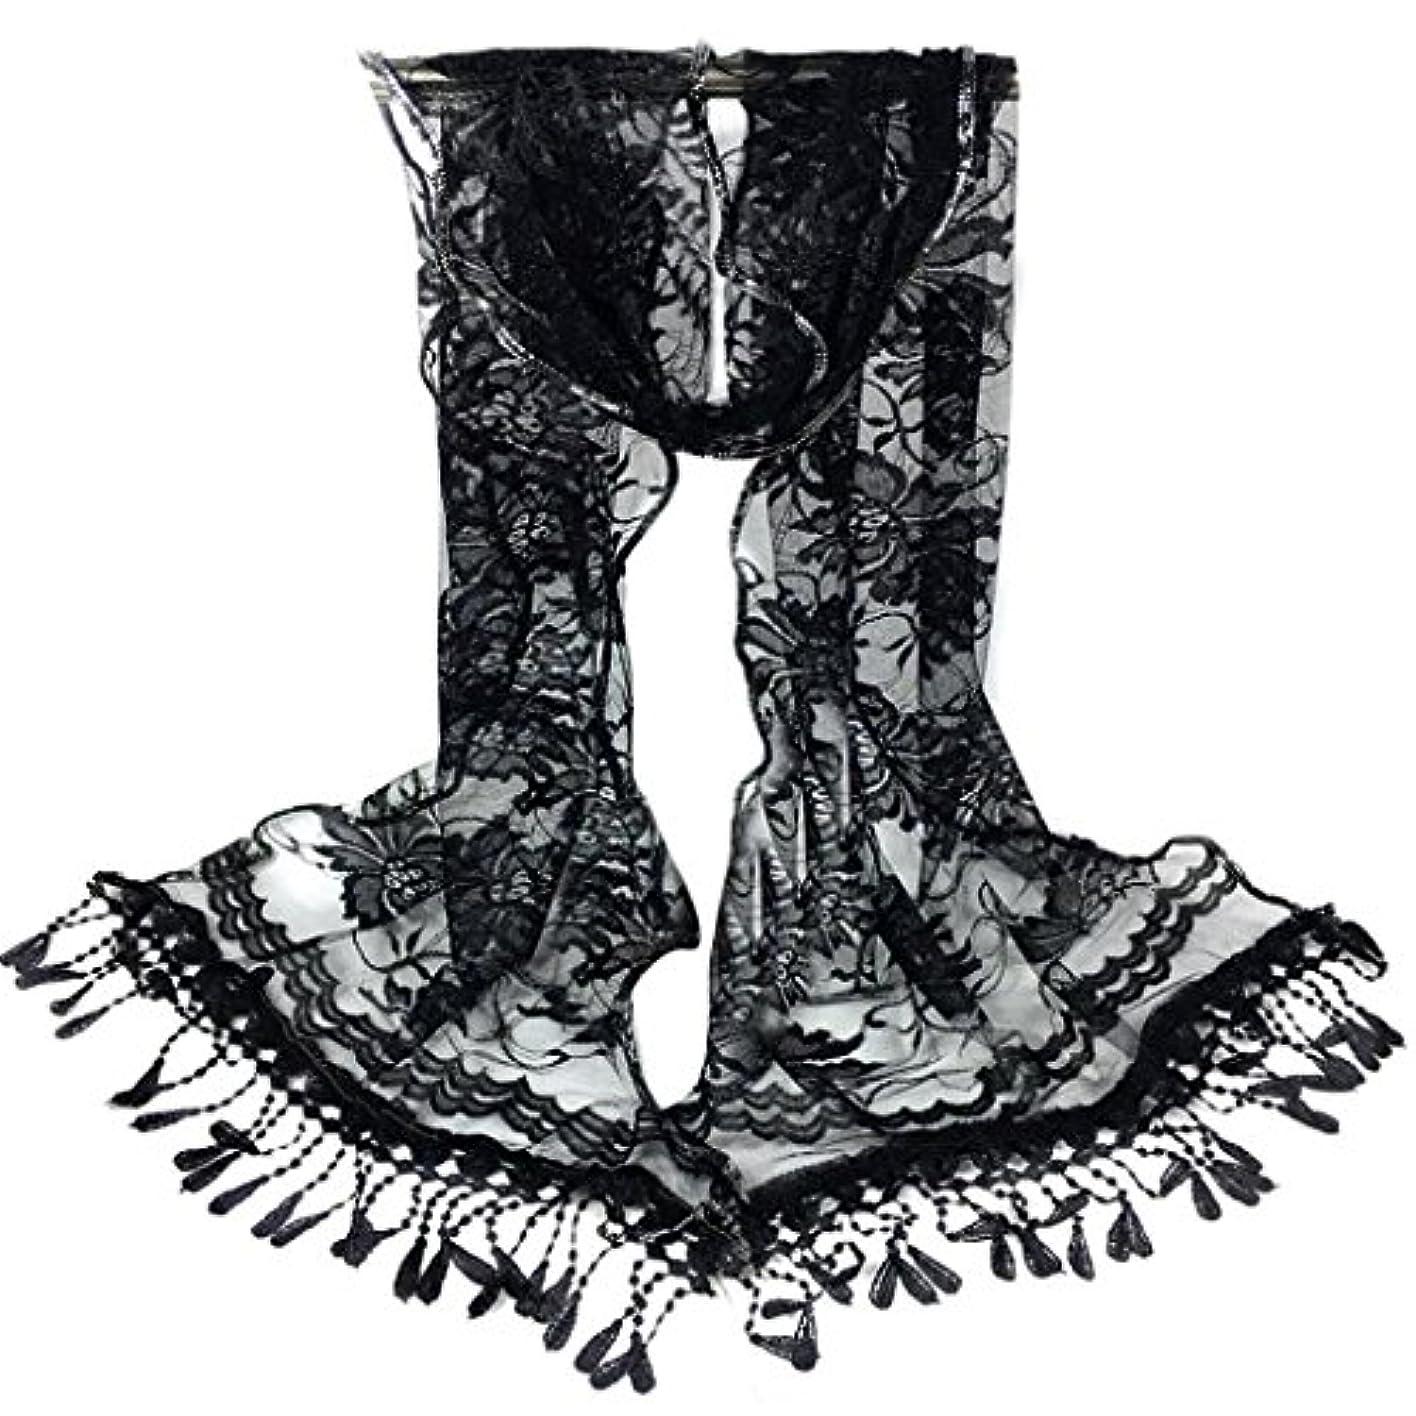 指標レギュラー関係[SakuraBest] 女性ロングスカーフタッセルショールフラワーレーススカーフ